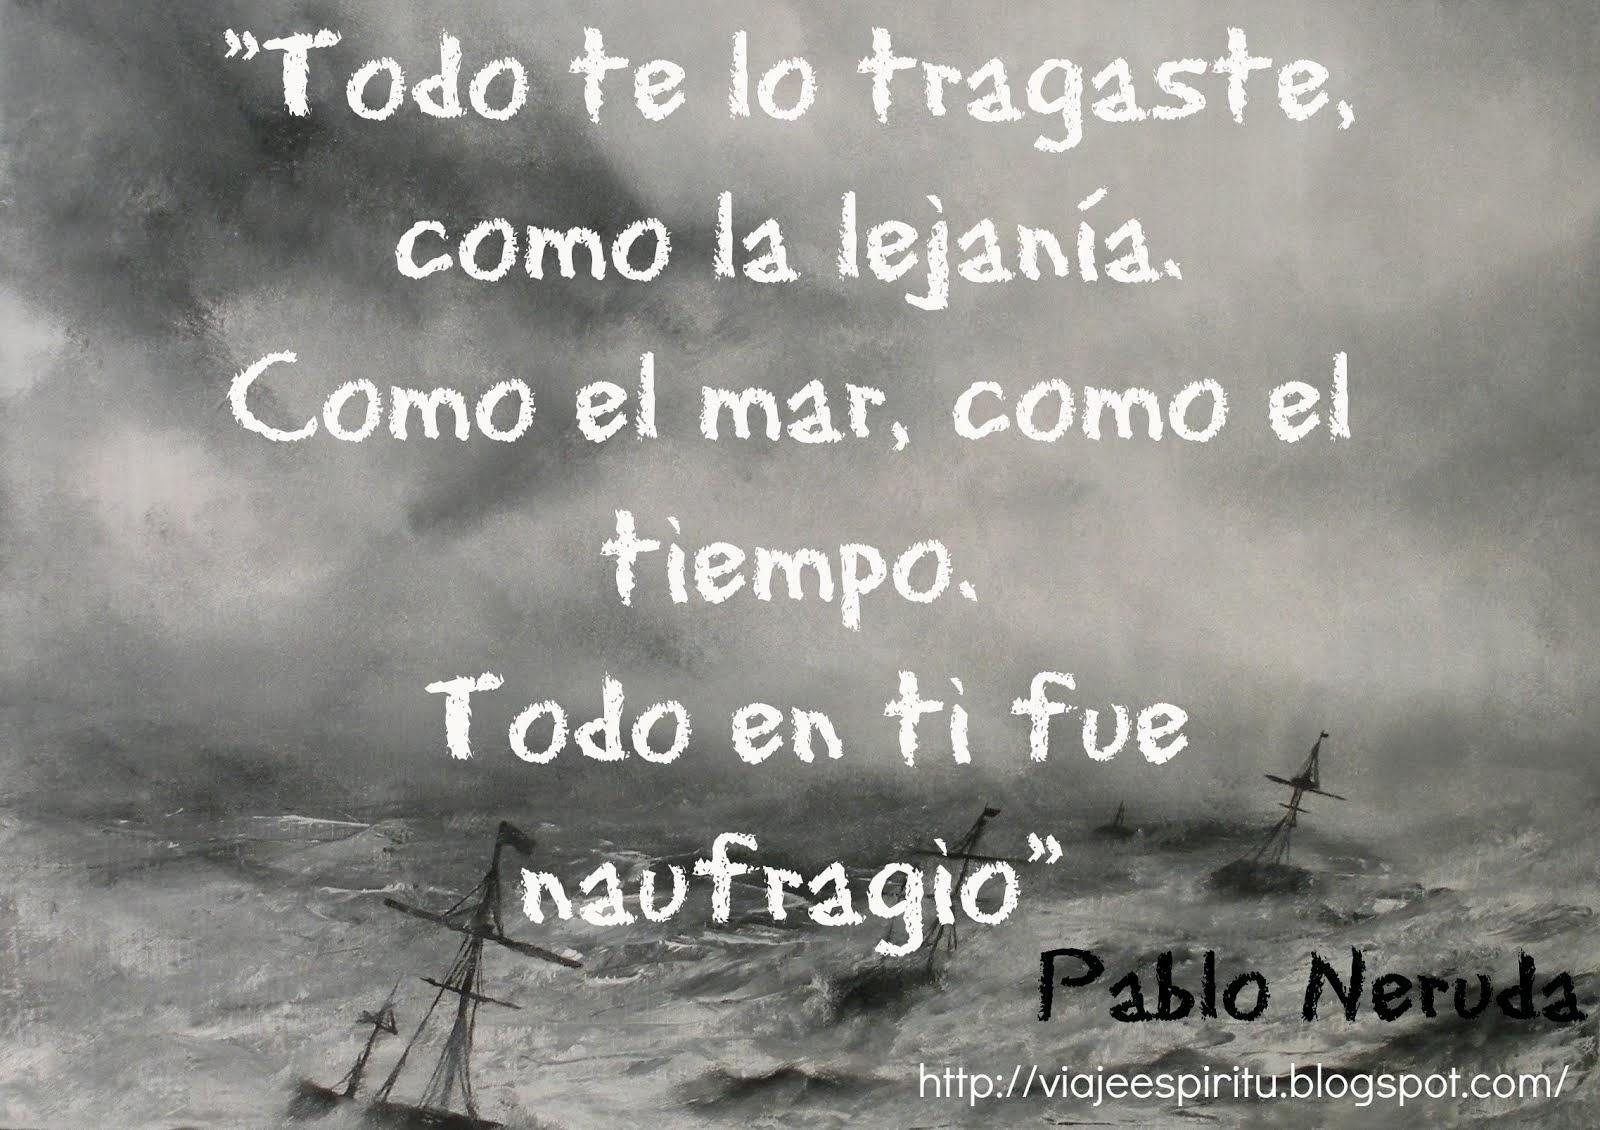 La canción desesperada, Pablo Neruda